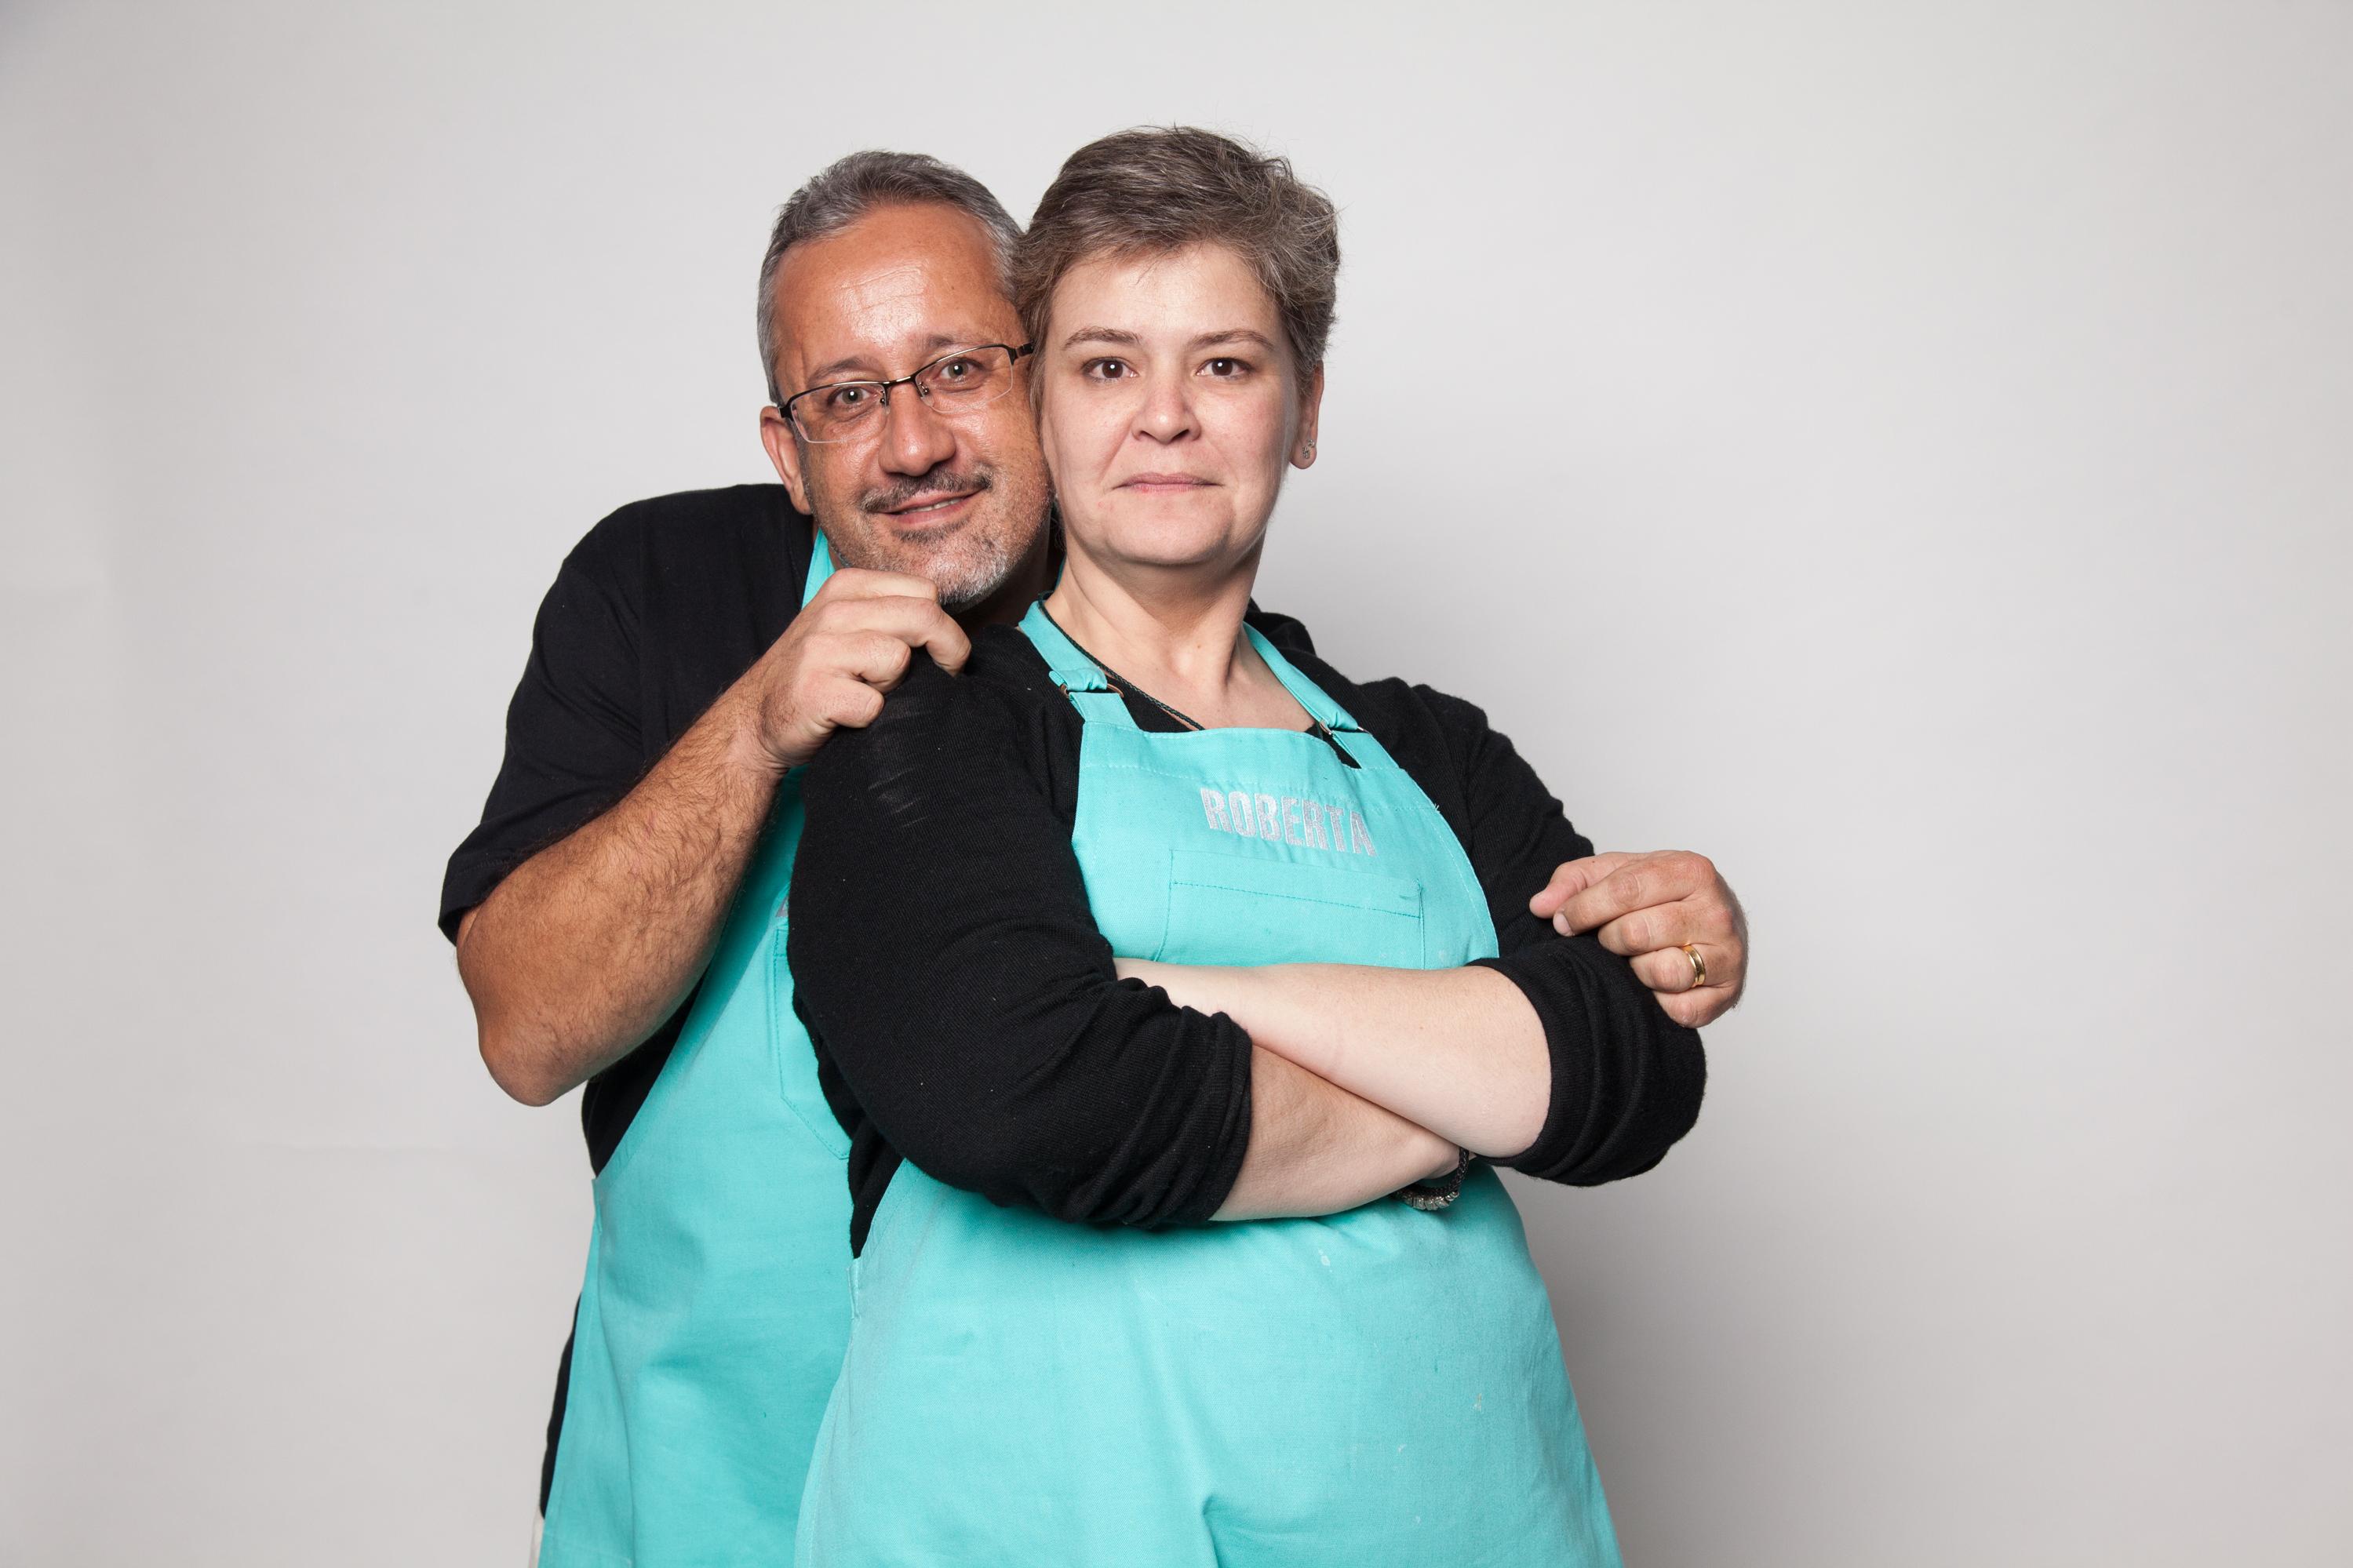 Roberta e Luís são amigos